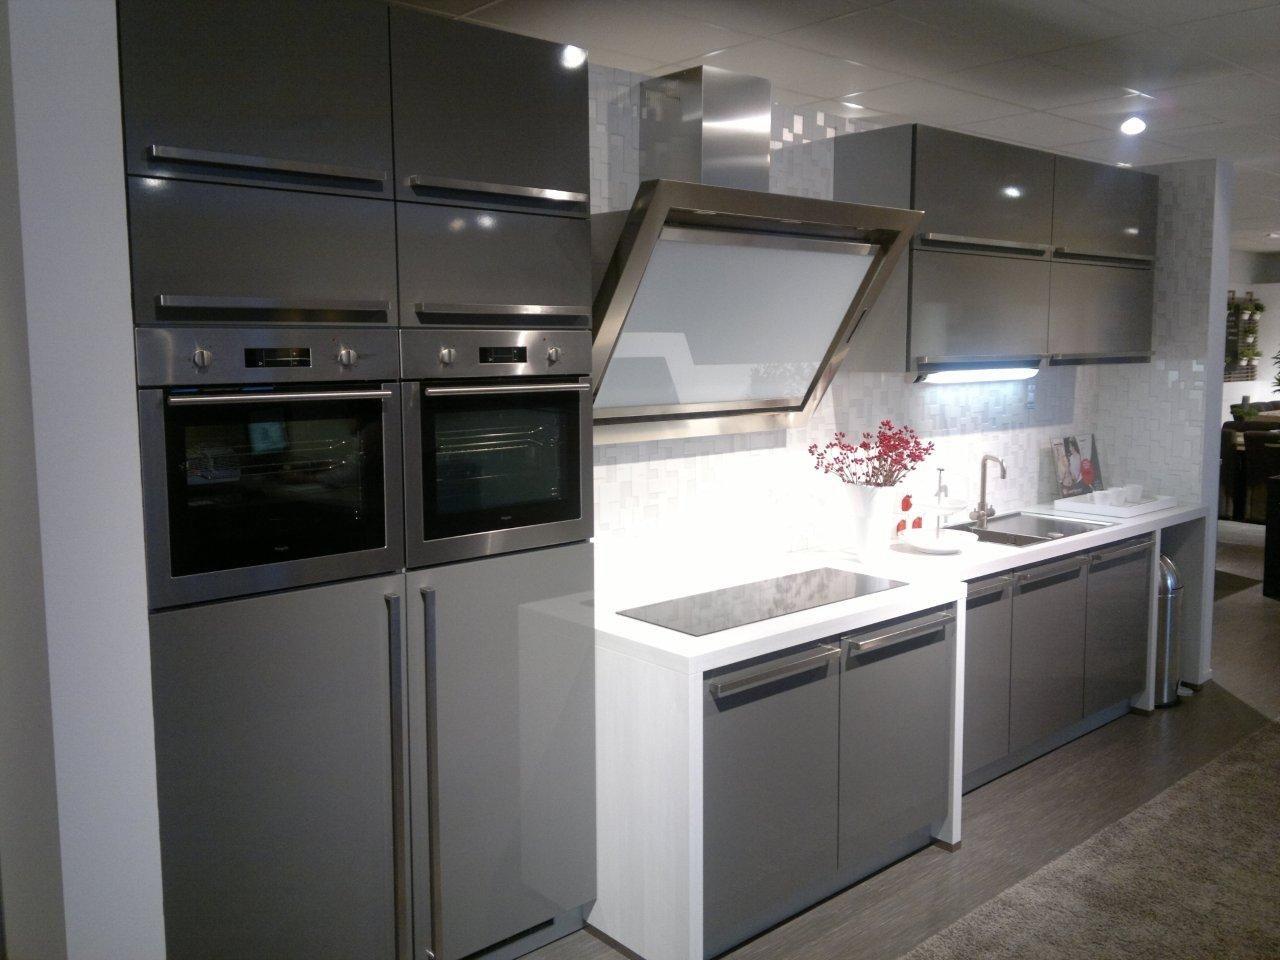 De voordeligste woonwinkel van nederland moderne design keuken 45023 - Onderwerp deco design keuken ...